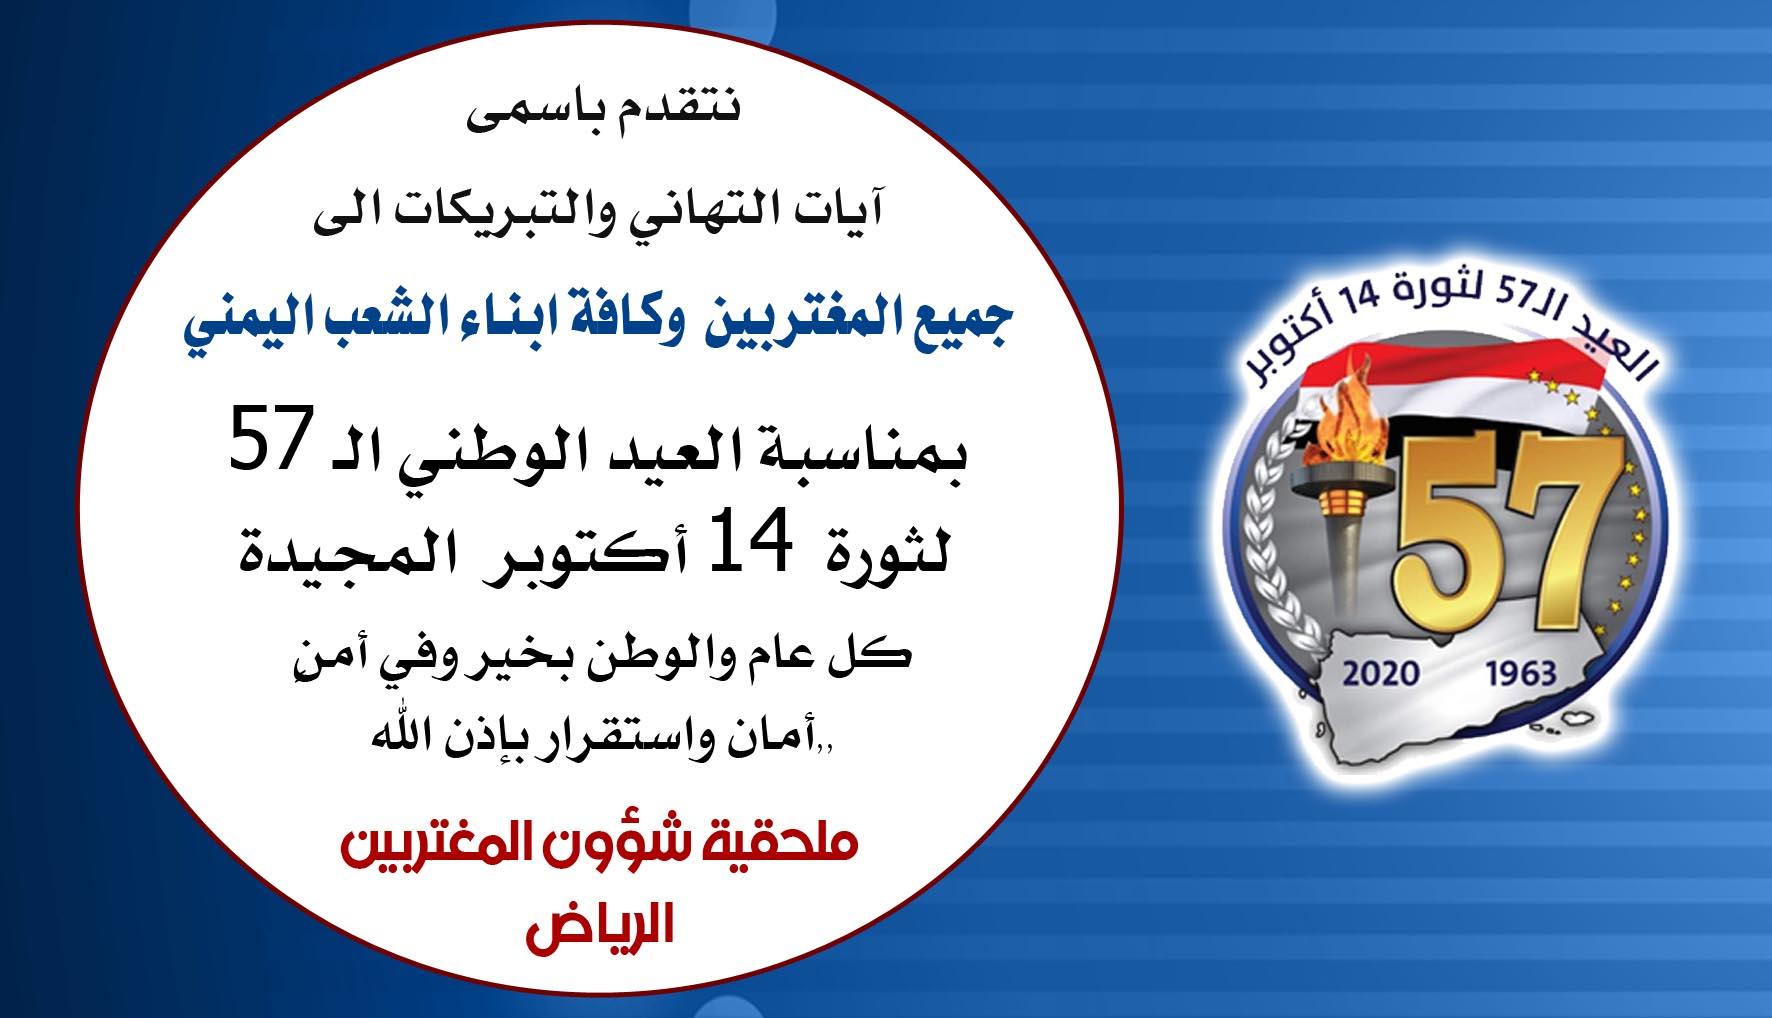 ملحقية شؤون المغتربين بالرياض تهنئ المغتربين بثورة 14 أكتوبر الخالدة